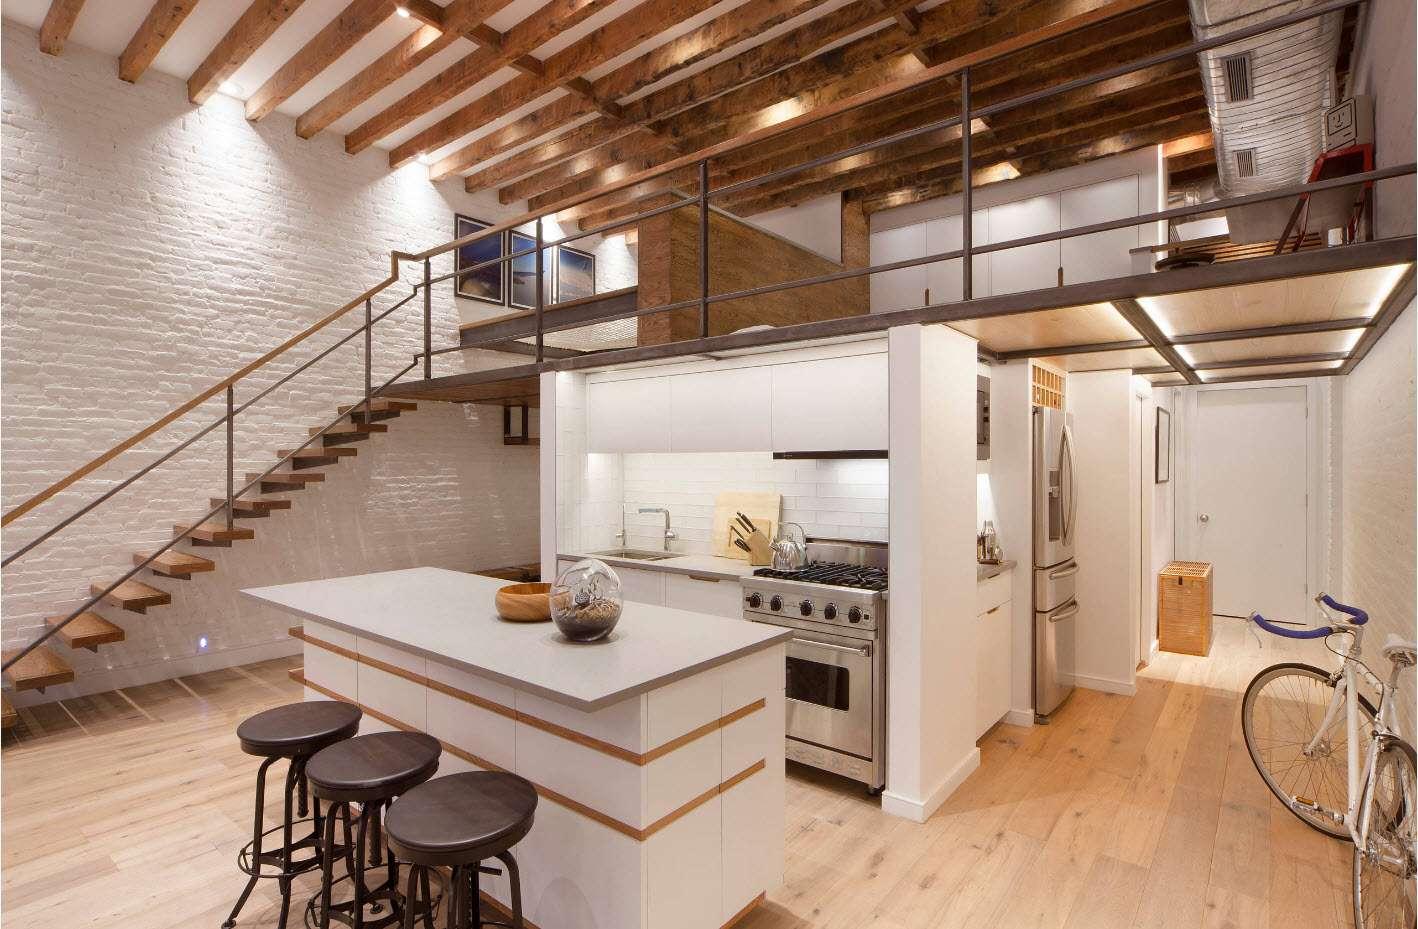 cărămidă decorativă în bucătărie